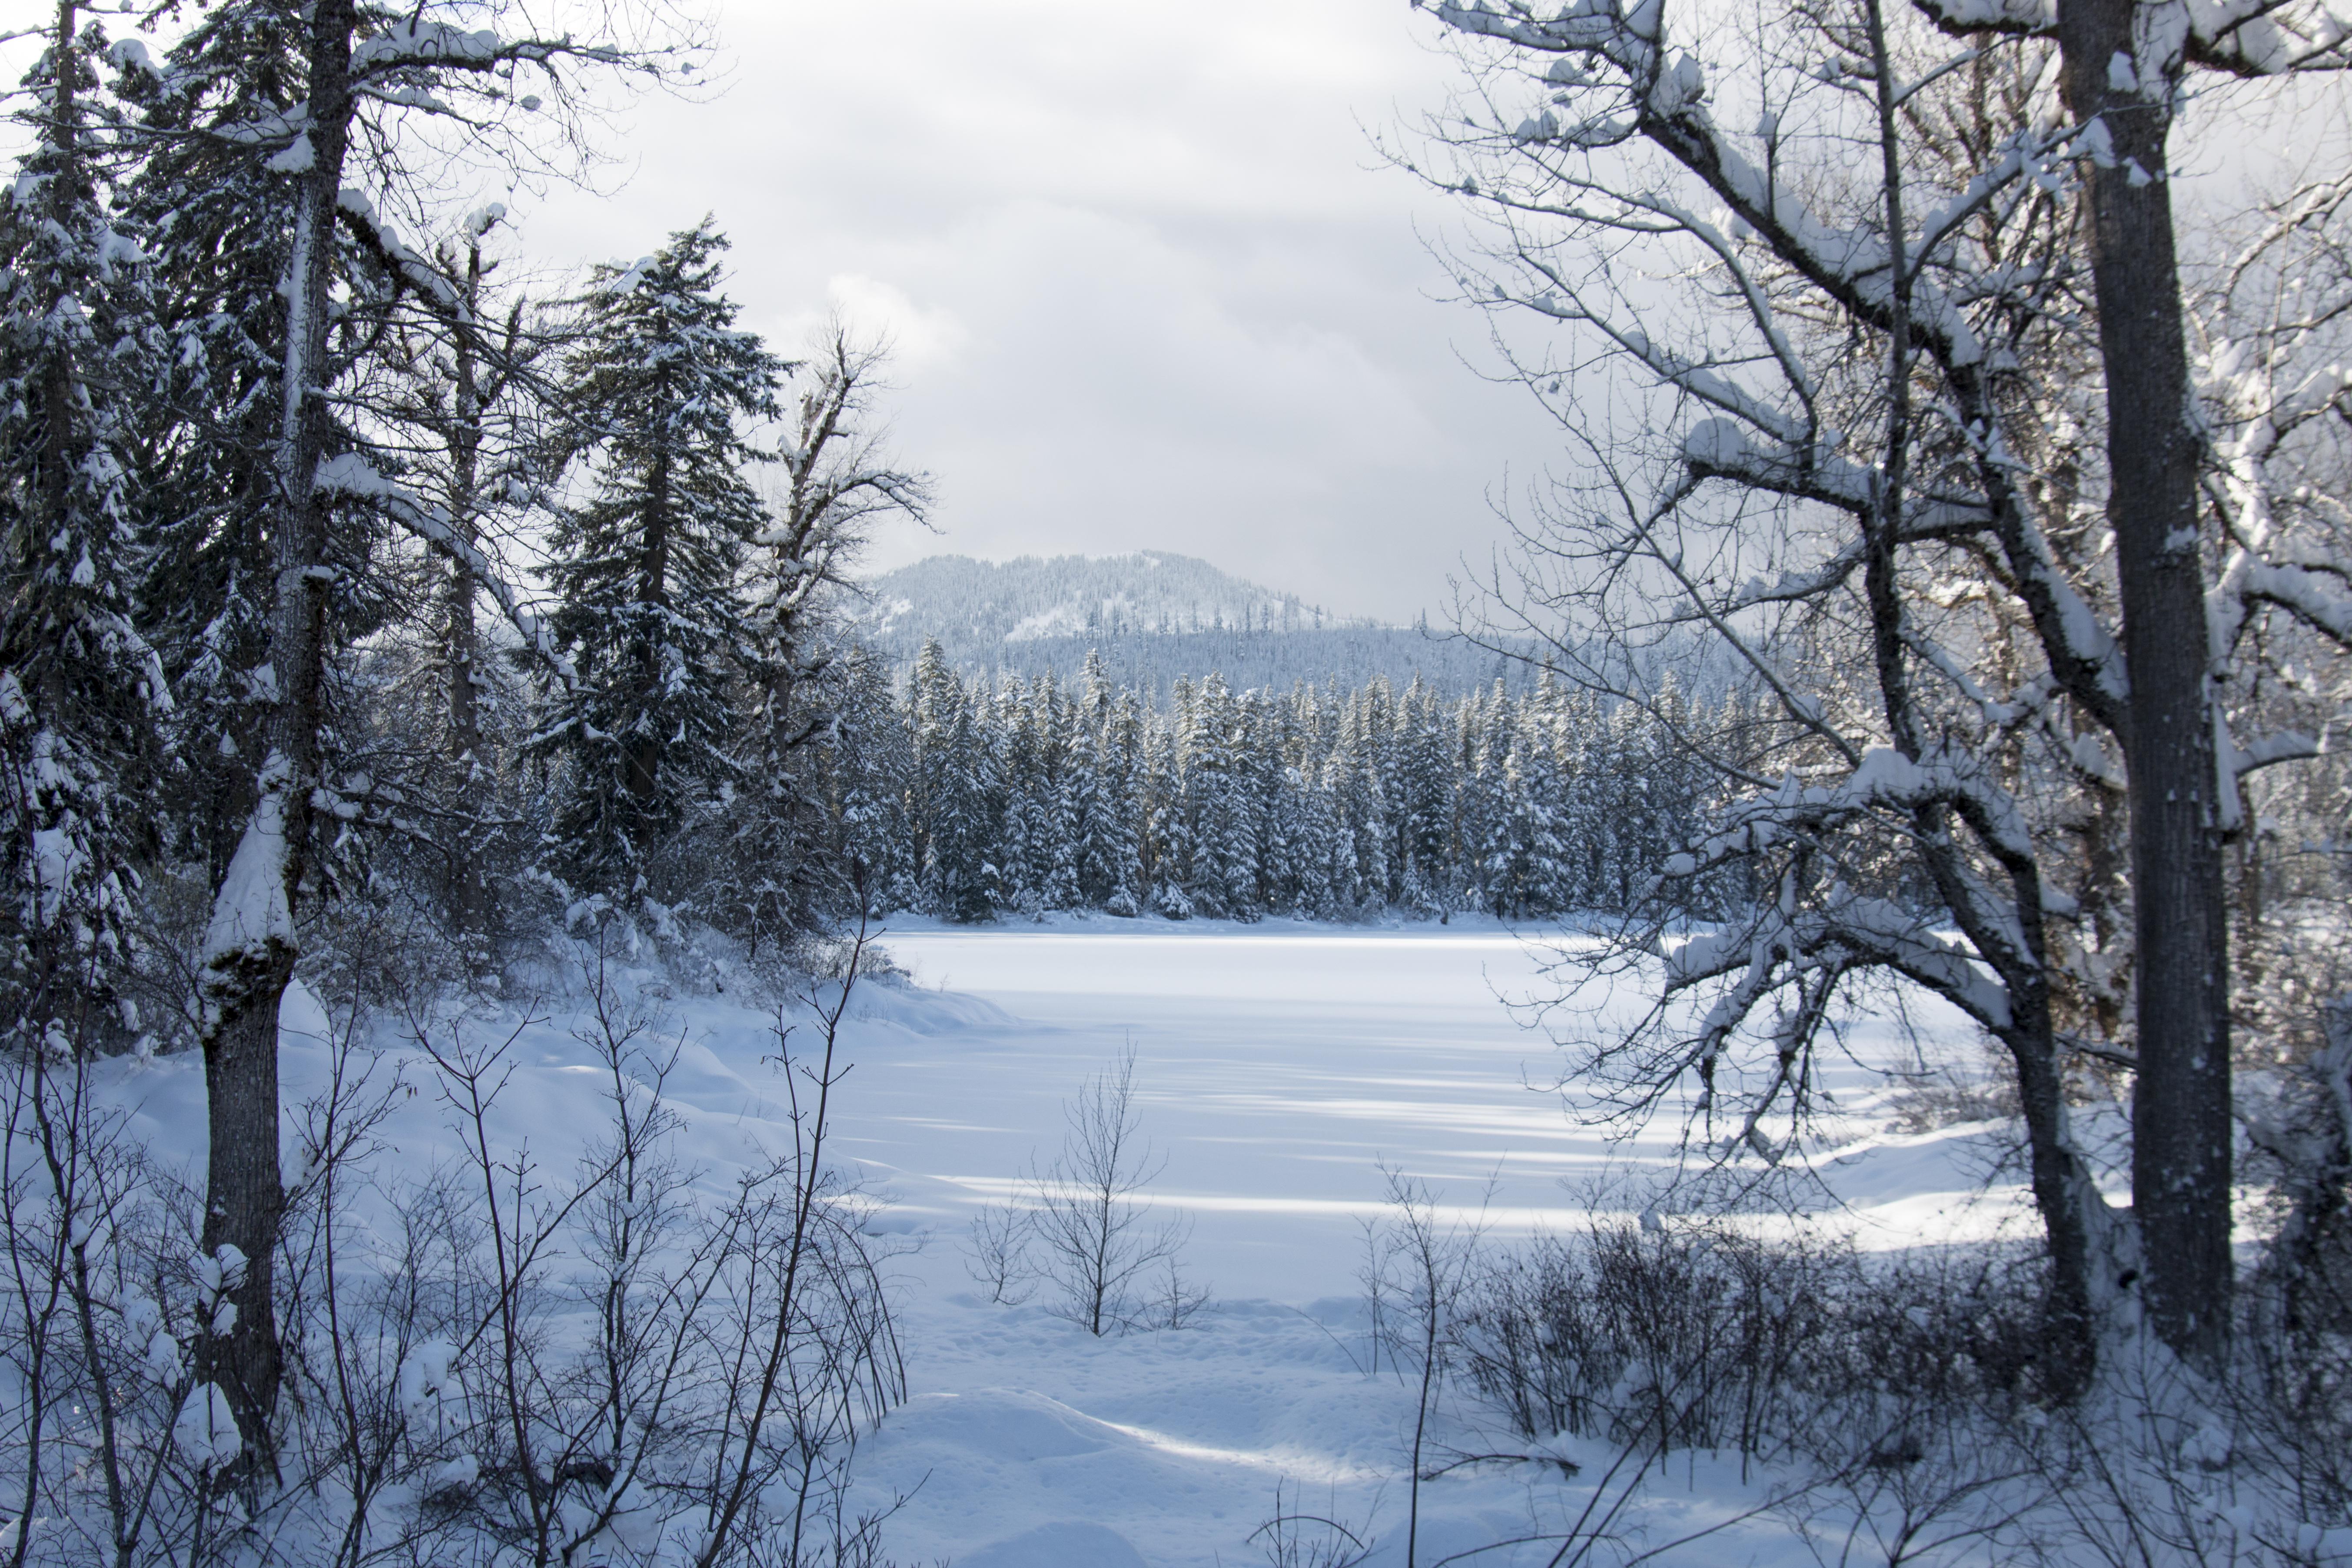 Frozen Clear Lake, Oregon, Clear Lake, Forest, Frozen, Lake, HQ Photo